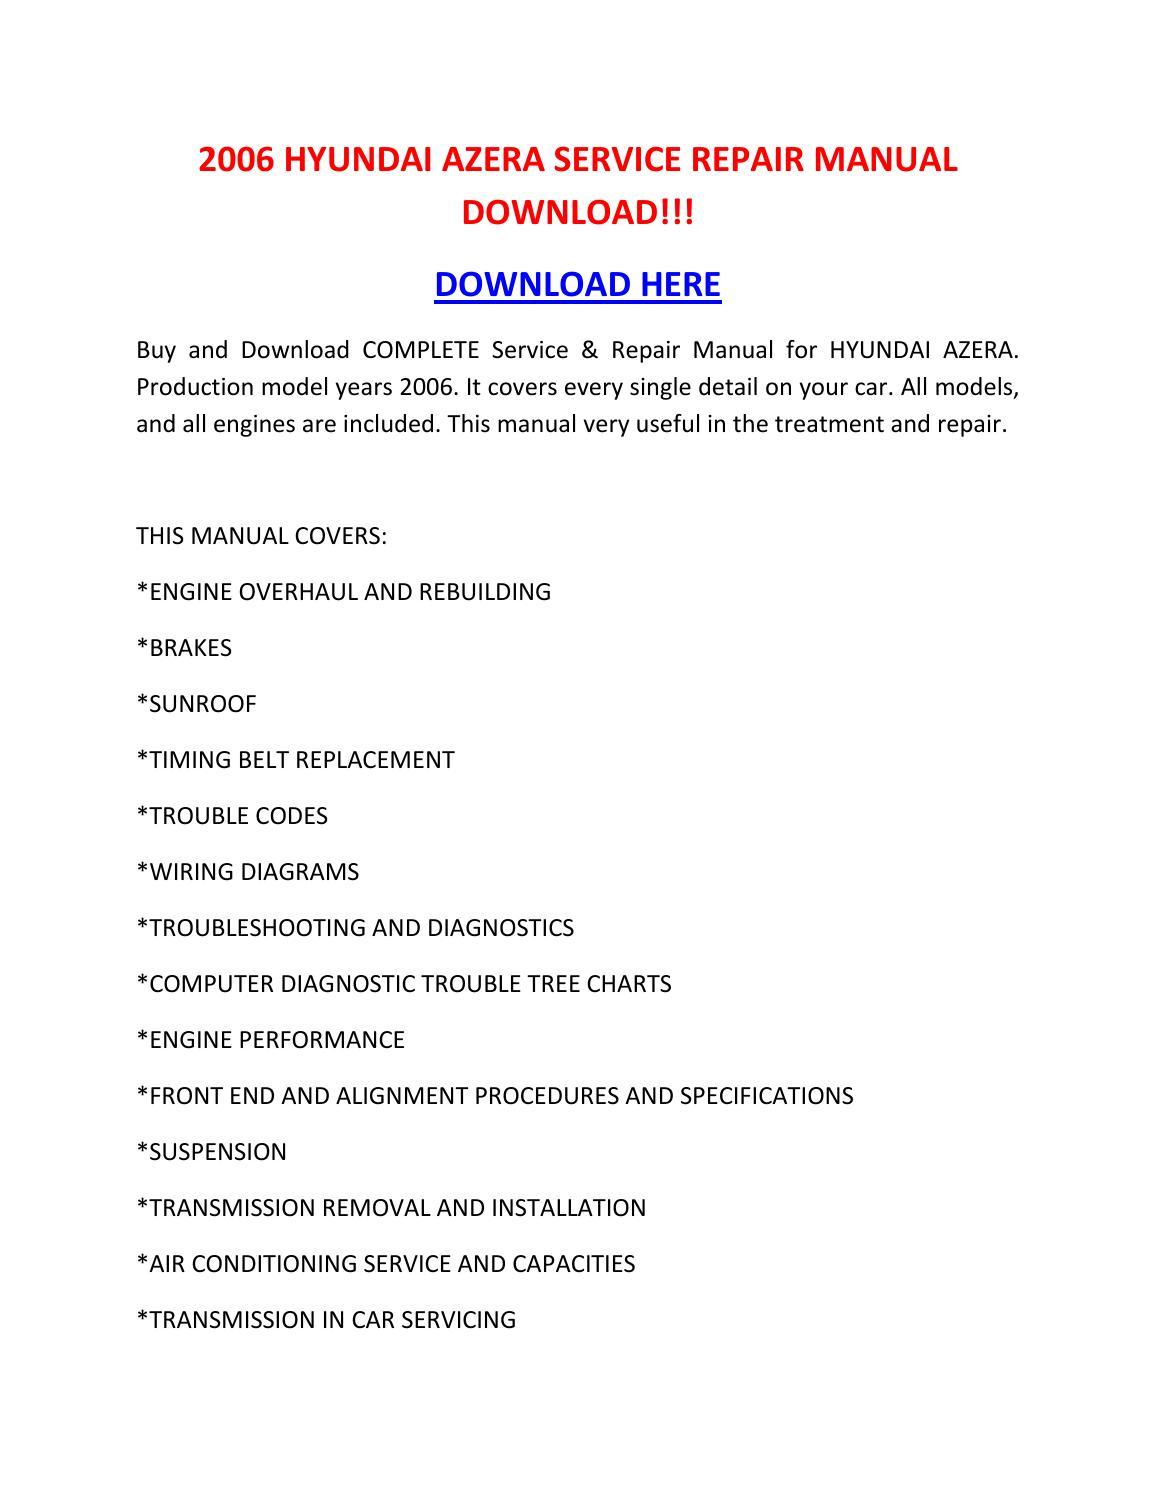 2006 Hyundai Azera Service Repair Manual Download    By Tylerrk